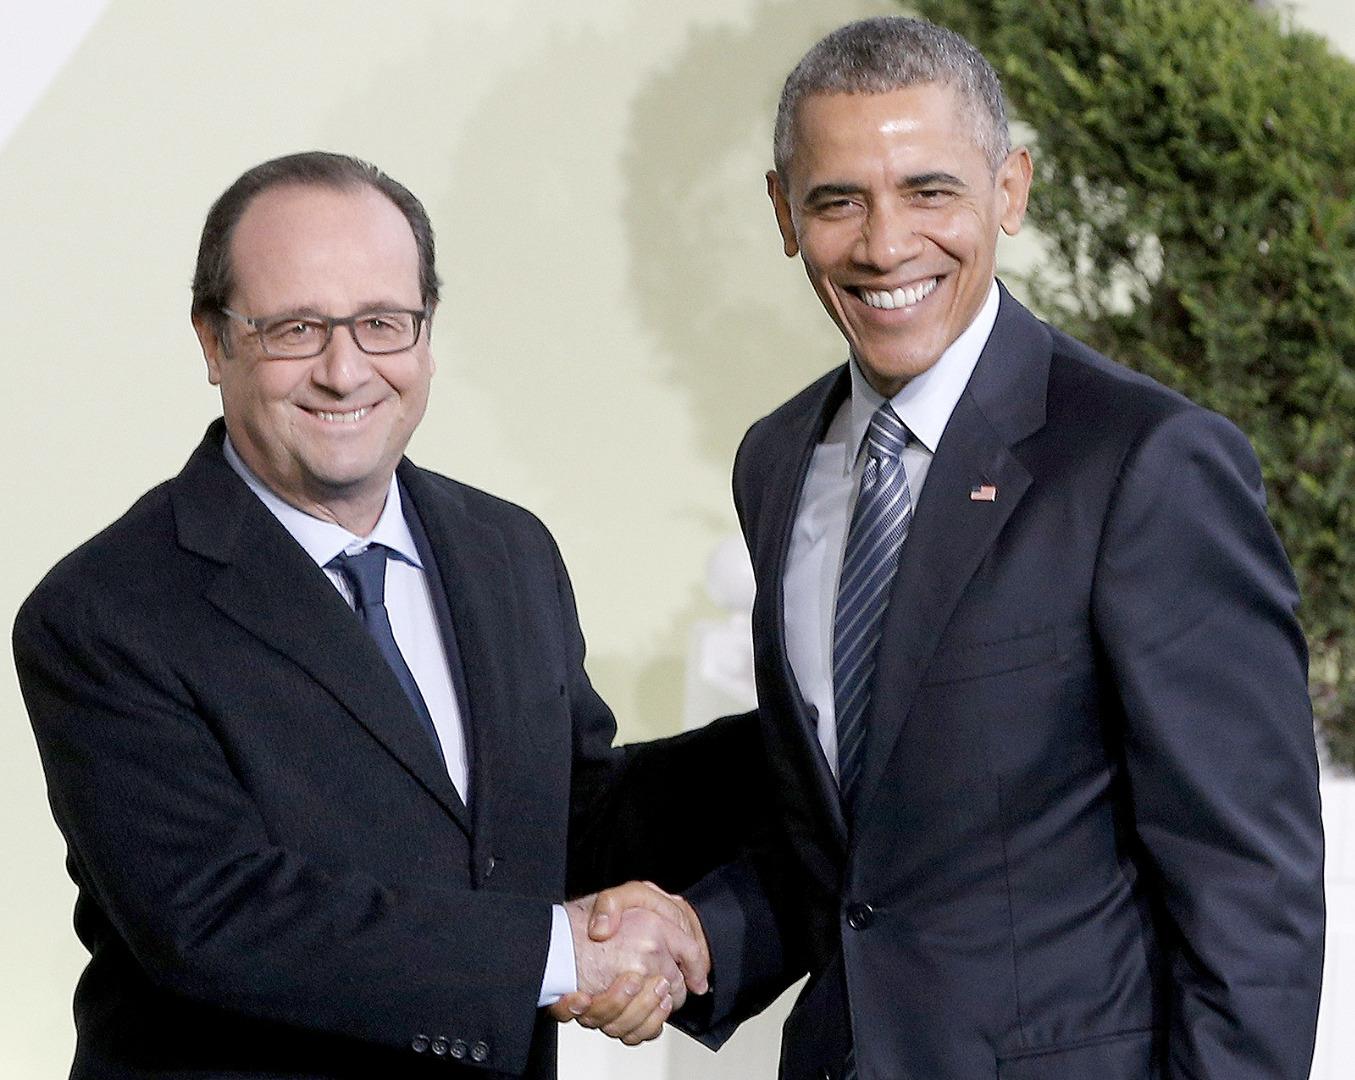 الرئيس الفرنسي فرانسوا هولاند يرحب بالرئيس الاميركي باراك اوباما (ا ف ب)